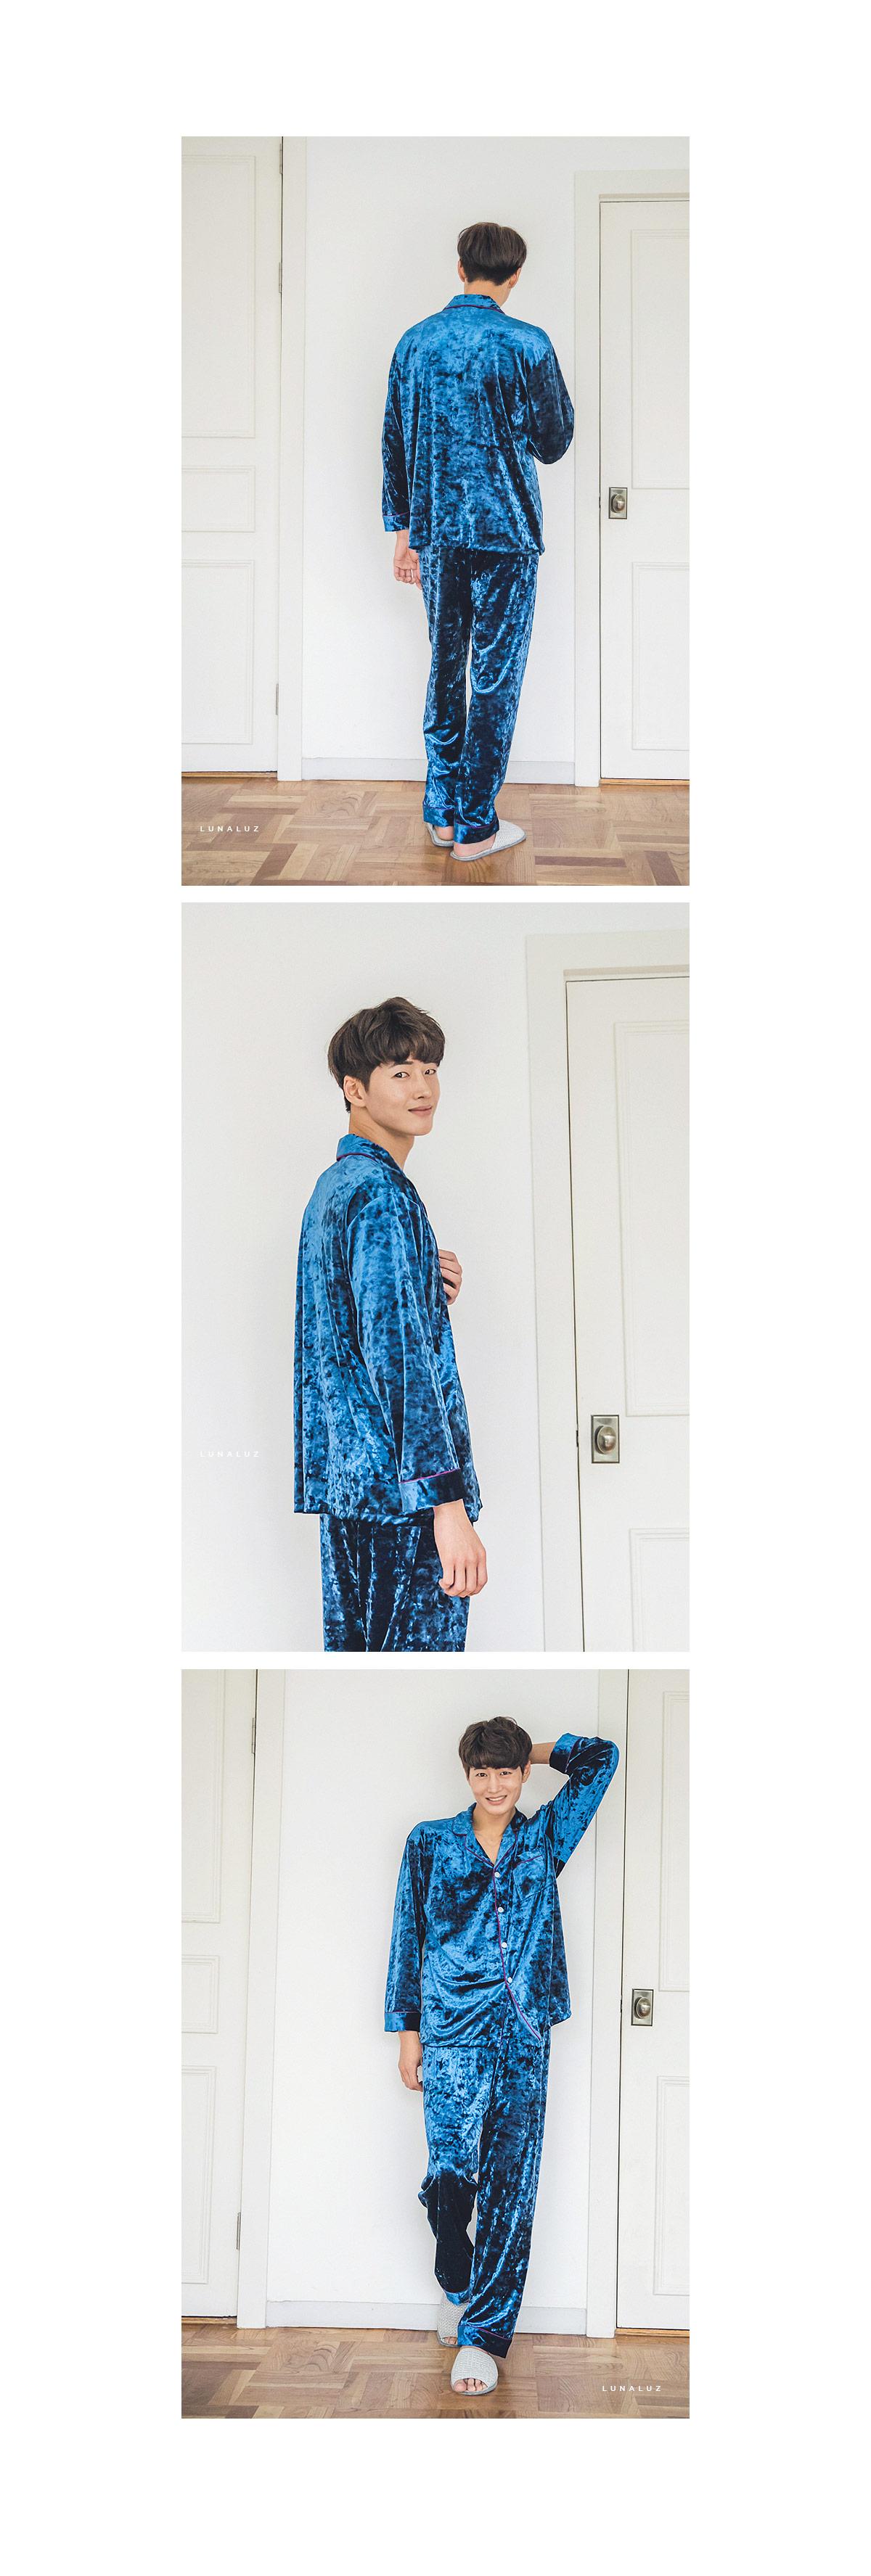 블링블링 벨벳 2컬러 남성잠옷 BNBR-M065 - 쿠비카, 93,000원, 잠옷, 남성파자마